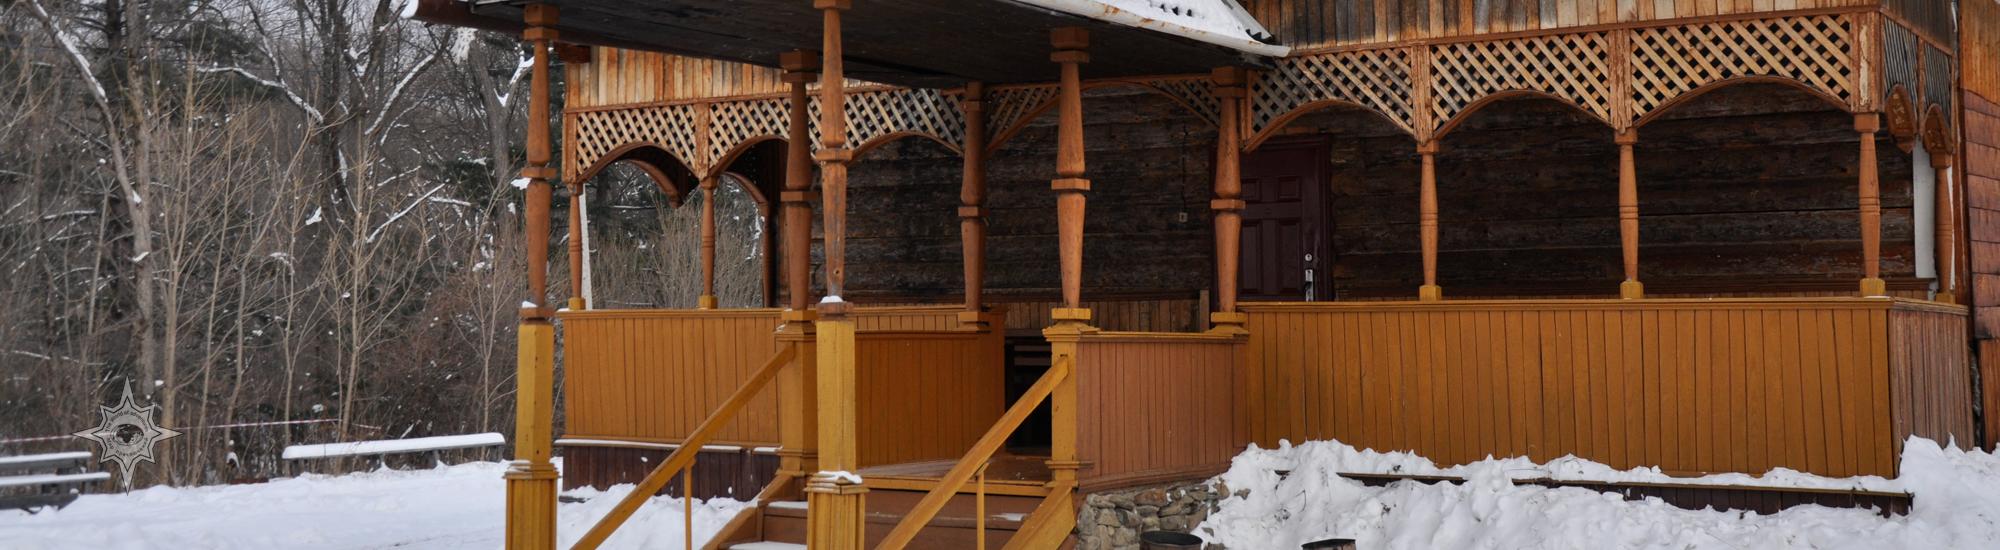 Деревянная гостиница Центра реабилитации диких животных Утес